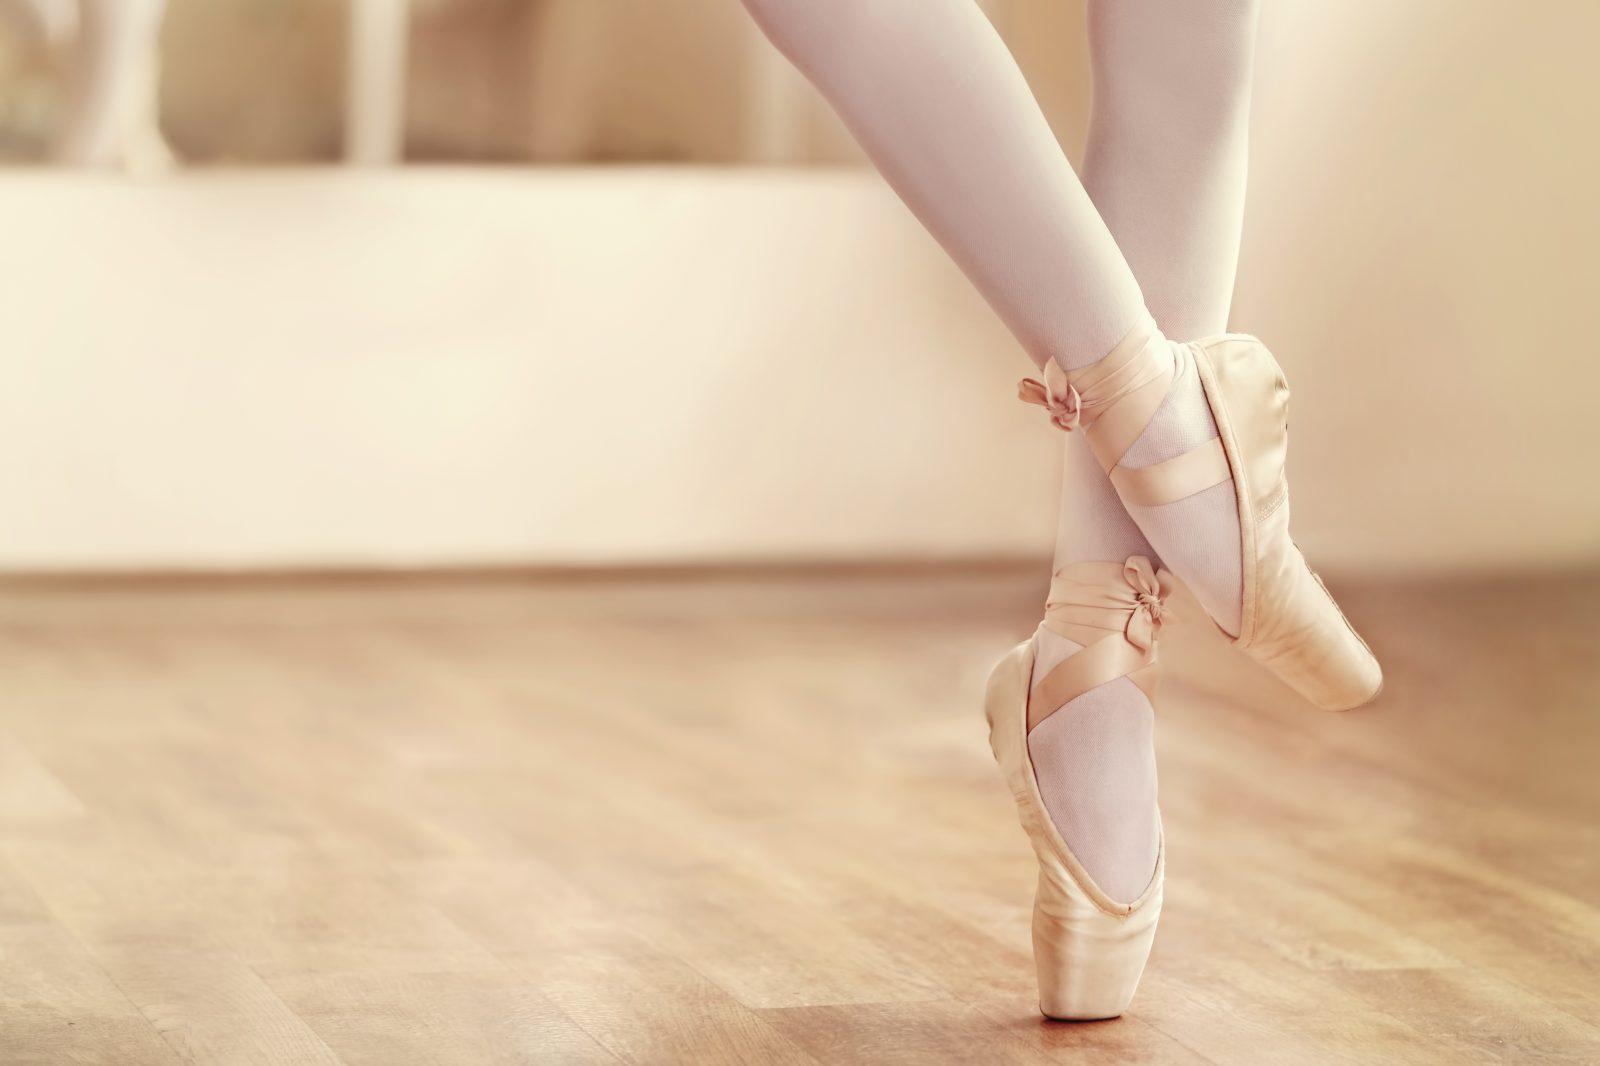 e86b43c98c Ensino da técnica do ballet clássico para adultos  Considerações – 16ª parte